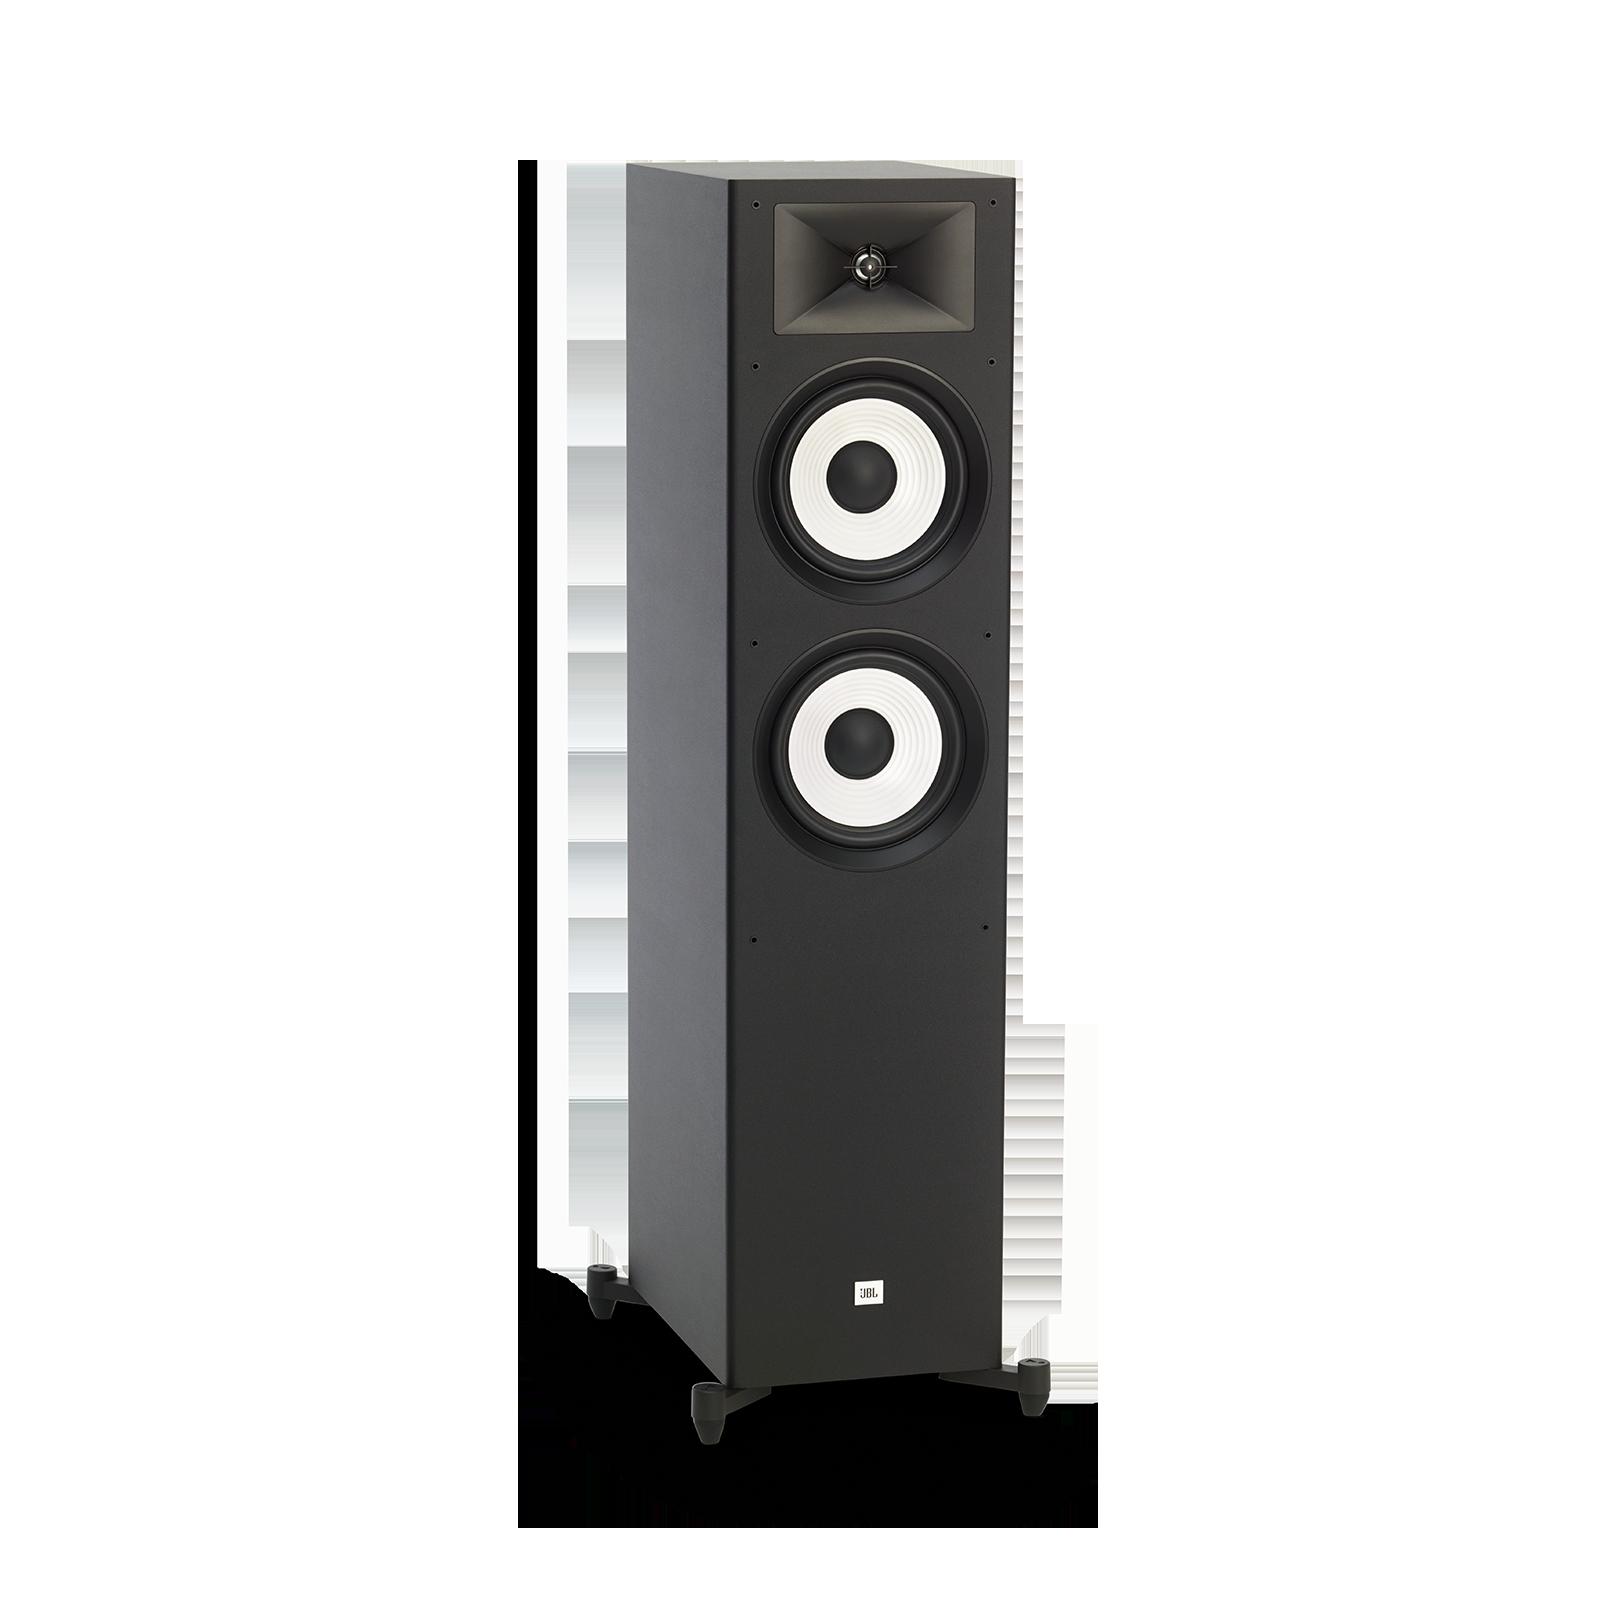 jbl stage a190 home audio loudspeaker system. Black Bedroom Furniture Sets. Home Design Ideas